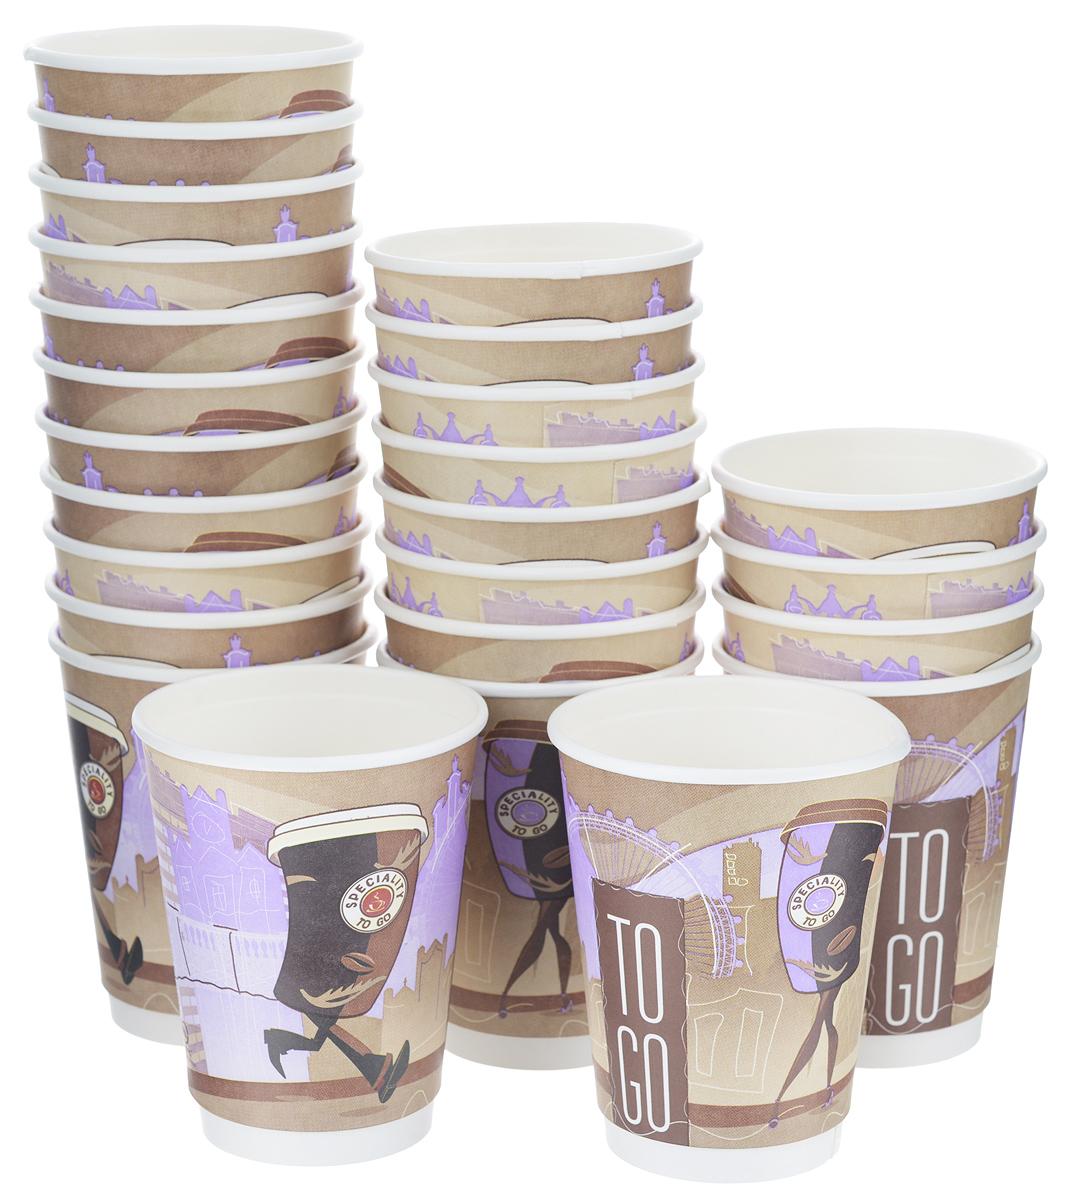 Набор одноразовых стаканов Huhtamaki Coffee Break, 300 мл, 25 штVT-1520(SR)Одноразовые стаканы Huhtamaki Coffee Break изготовлены из плотной бумаги и оформлены оригинальным рисунком. Изделия предназначены для подачи различных напитков. Вы можете взять их с собой на природу, в парк, на пикник и наслаждаться вкусными напитками. Несмотря на то, что стаканы бумажные, они очень прочные и не промокают. Диаметр стакана (по верхнему краю): 9 см.Высота стакана: 11 см.